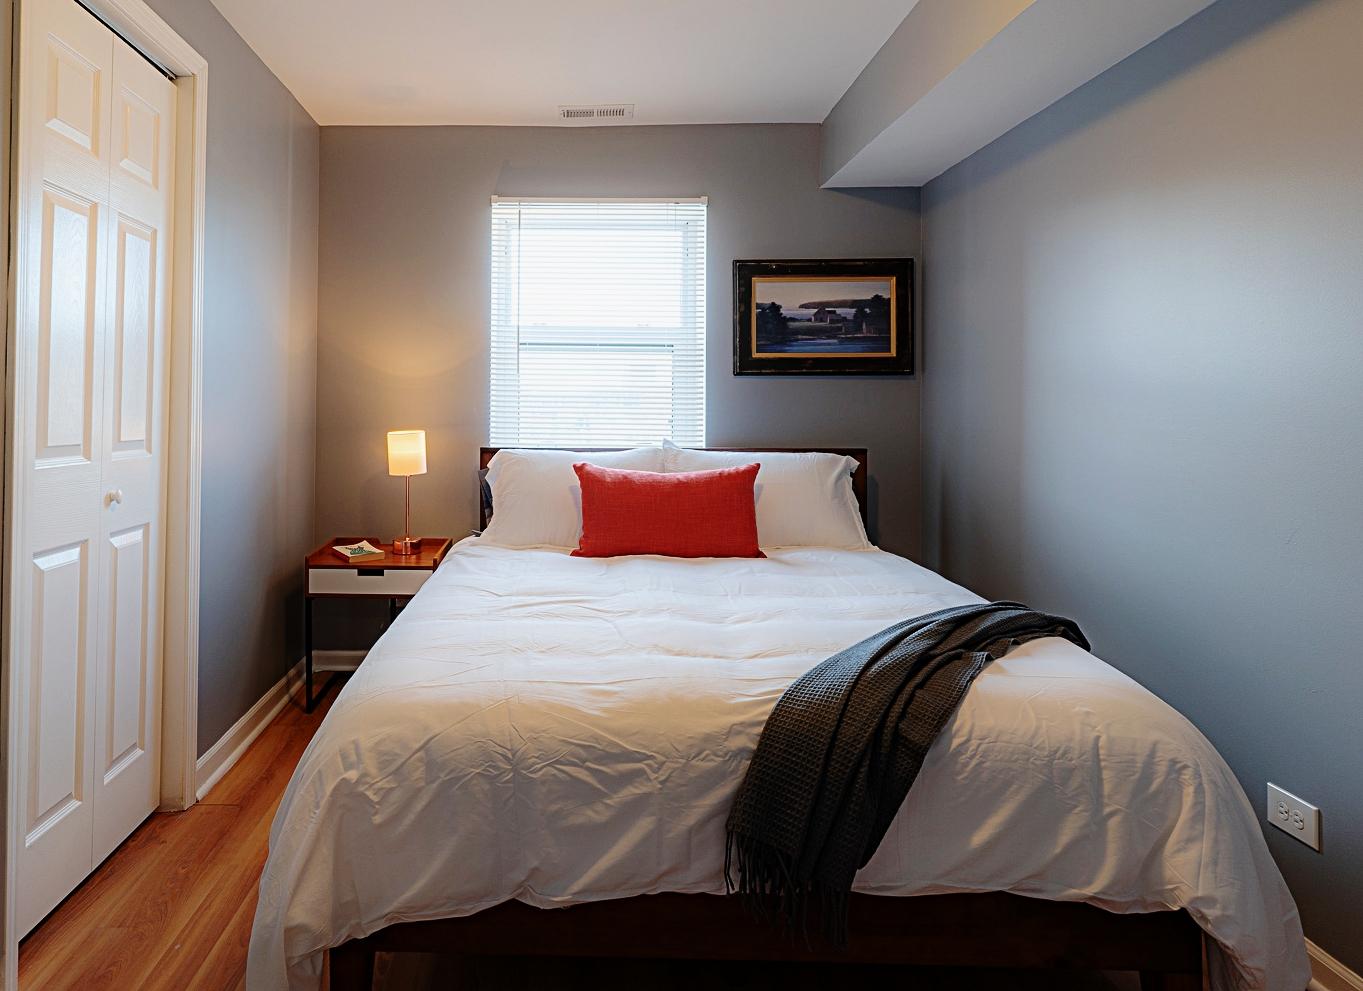 Rodesta - 2 bedroom stratus suite